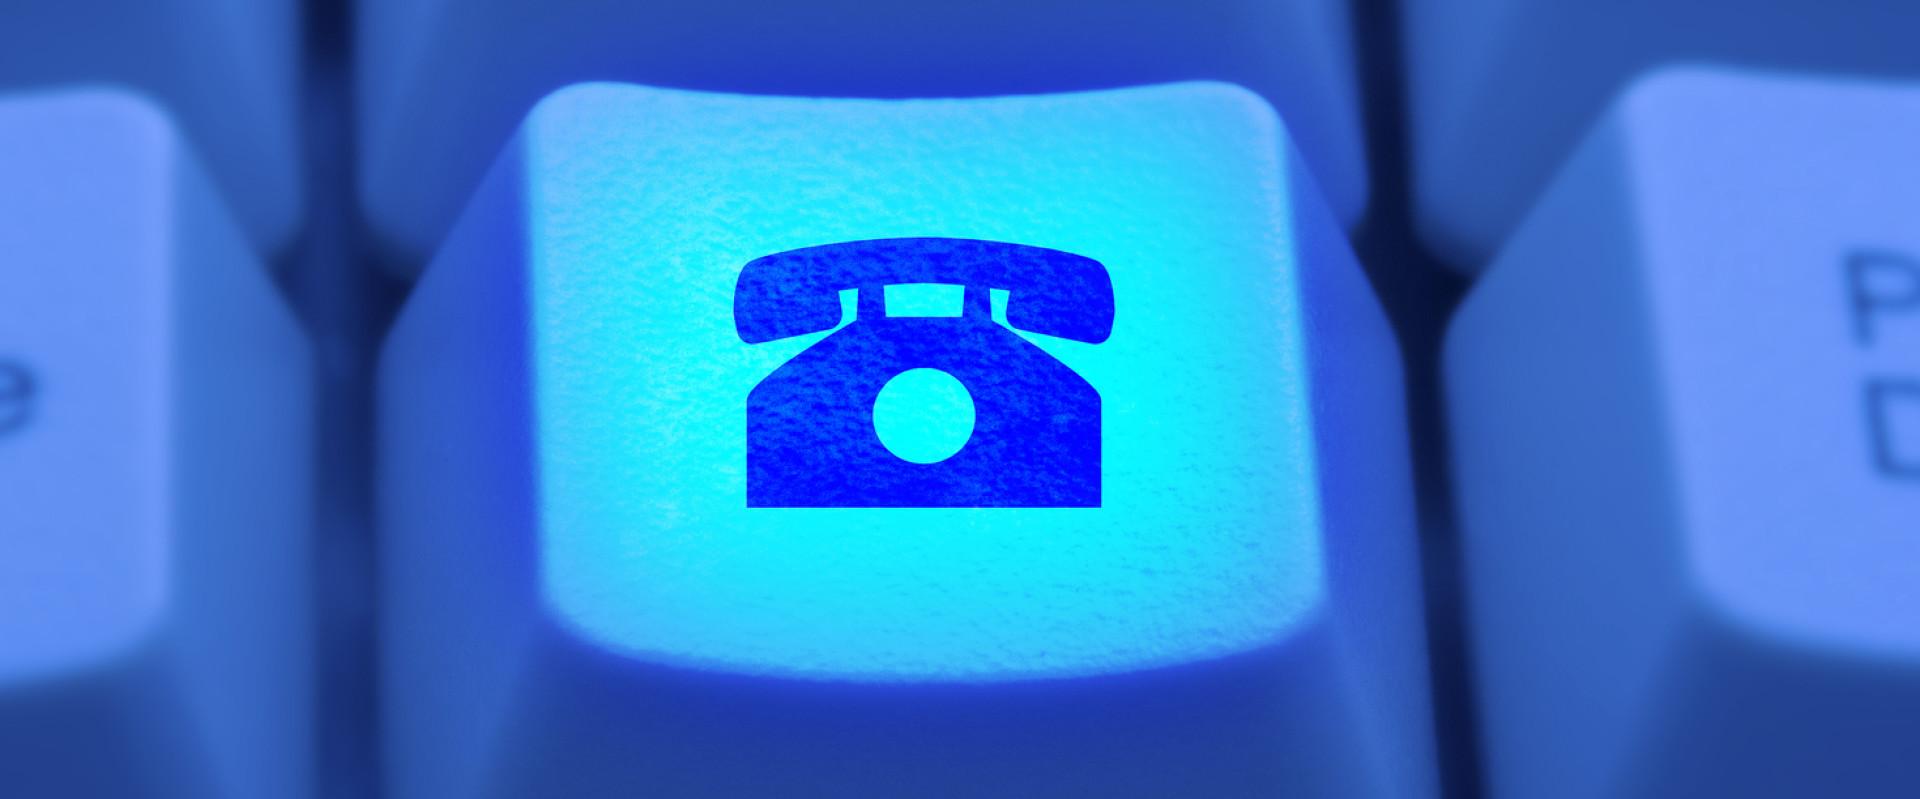 Belangrijke telefoonnummers om altijd bij de hand te houden